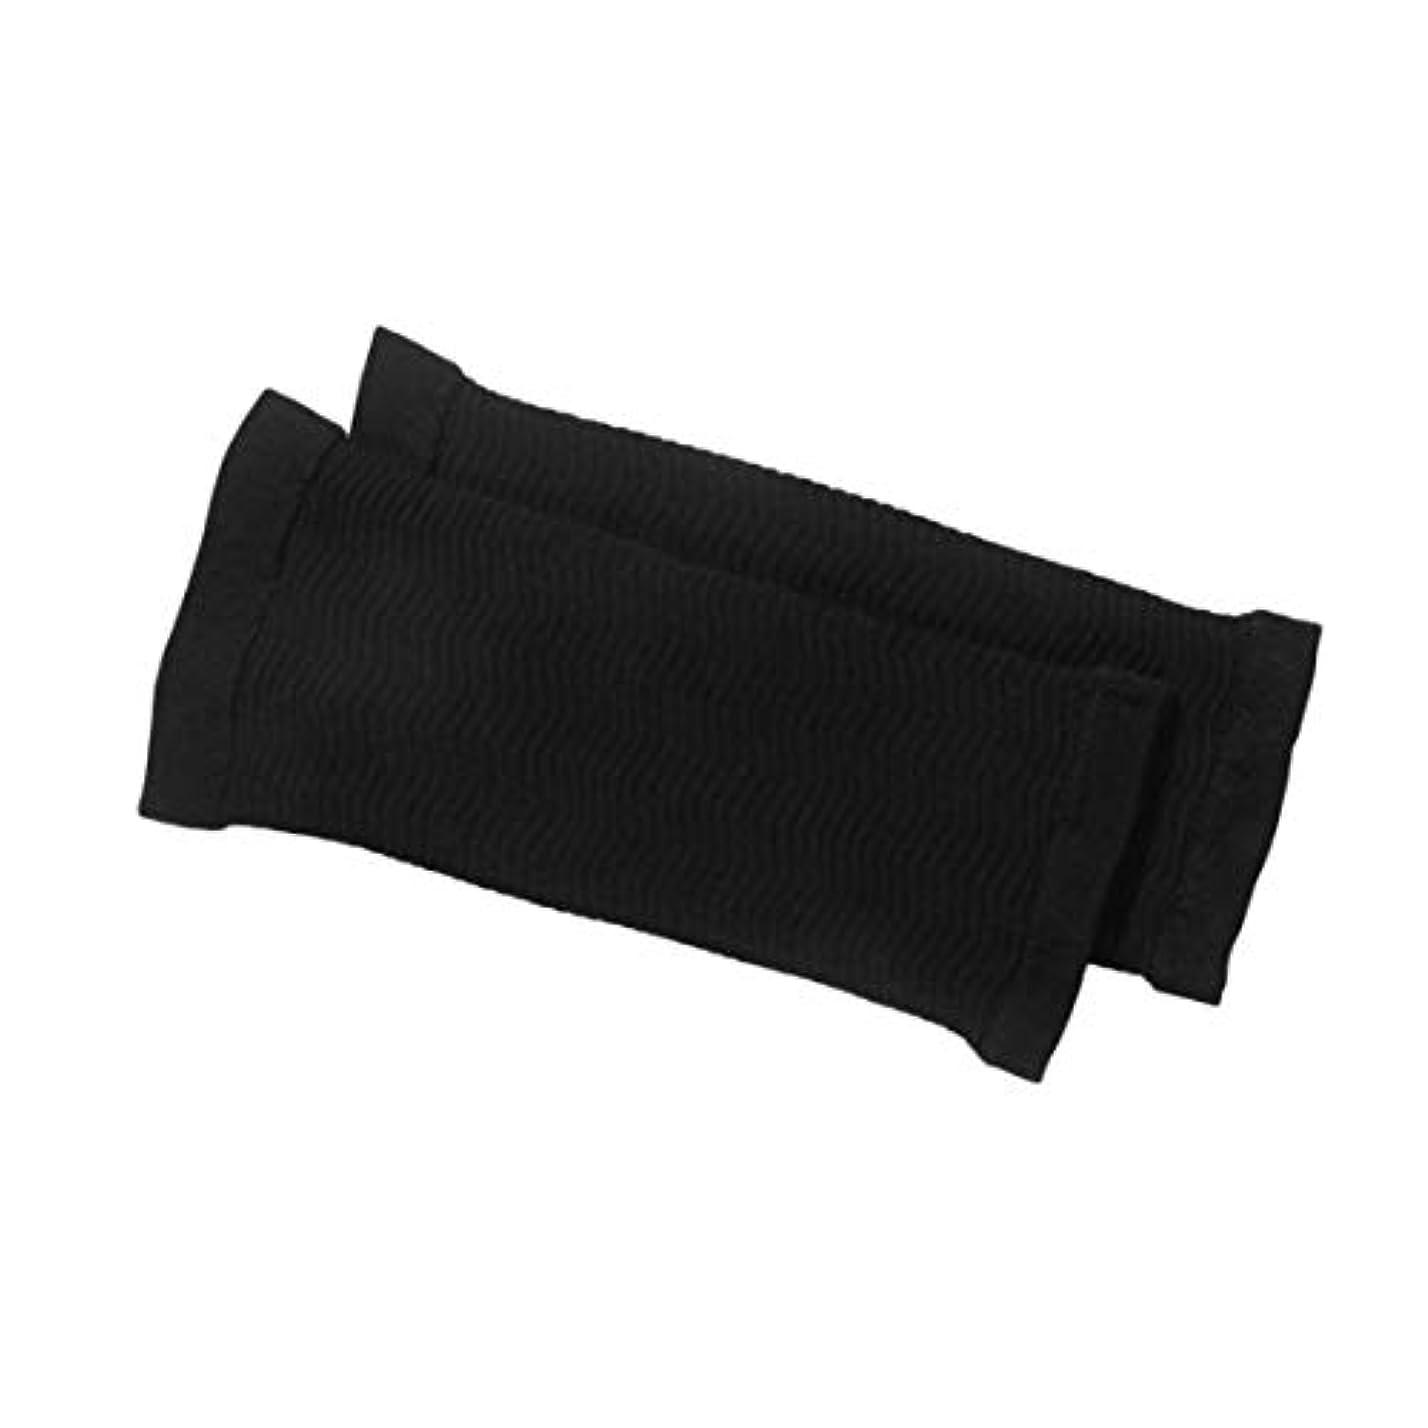 事前に数とは異なり1ペア420 D圧縮痩身アームスリーブワークアウトトーニングバーンセルライトシェイパー脂肪燃焼袖用女性 - 黒